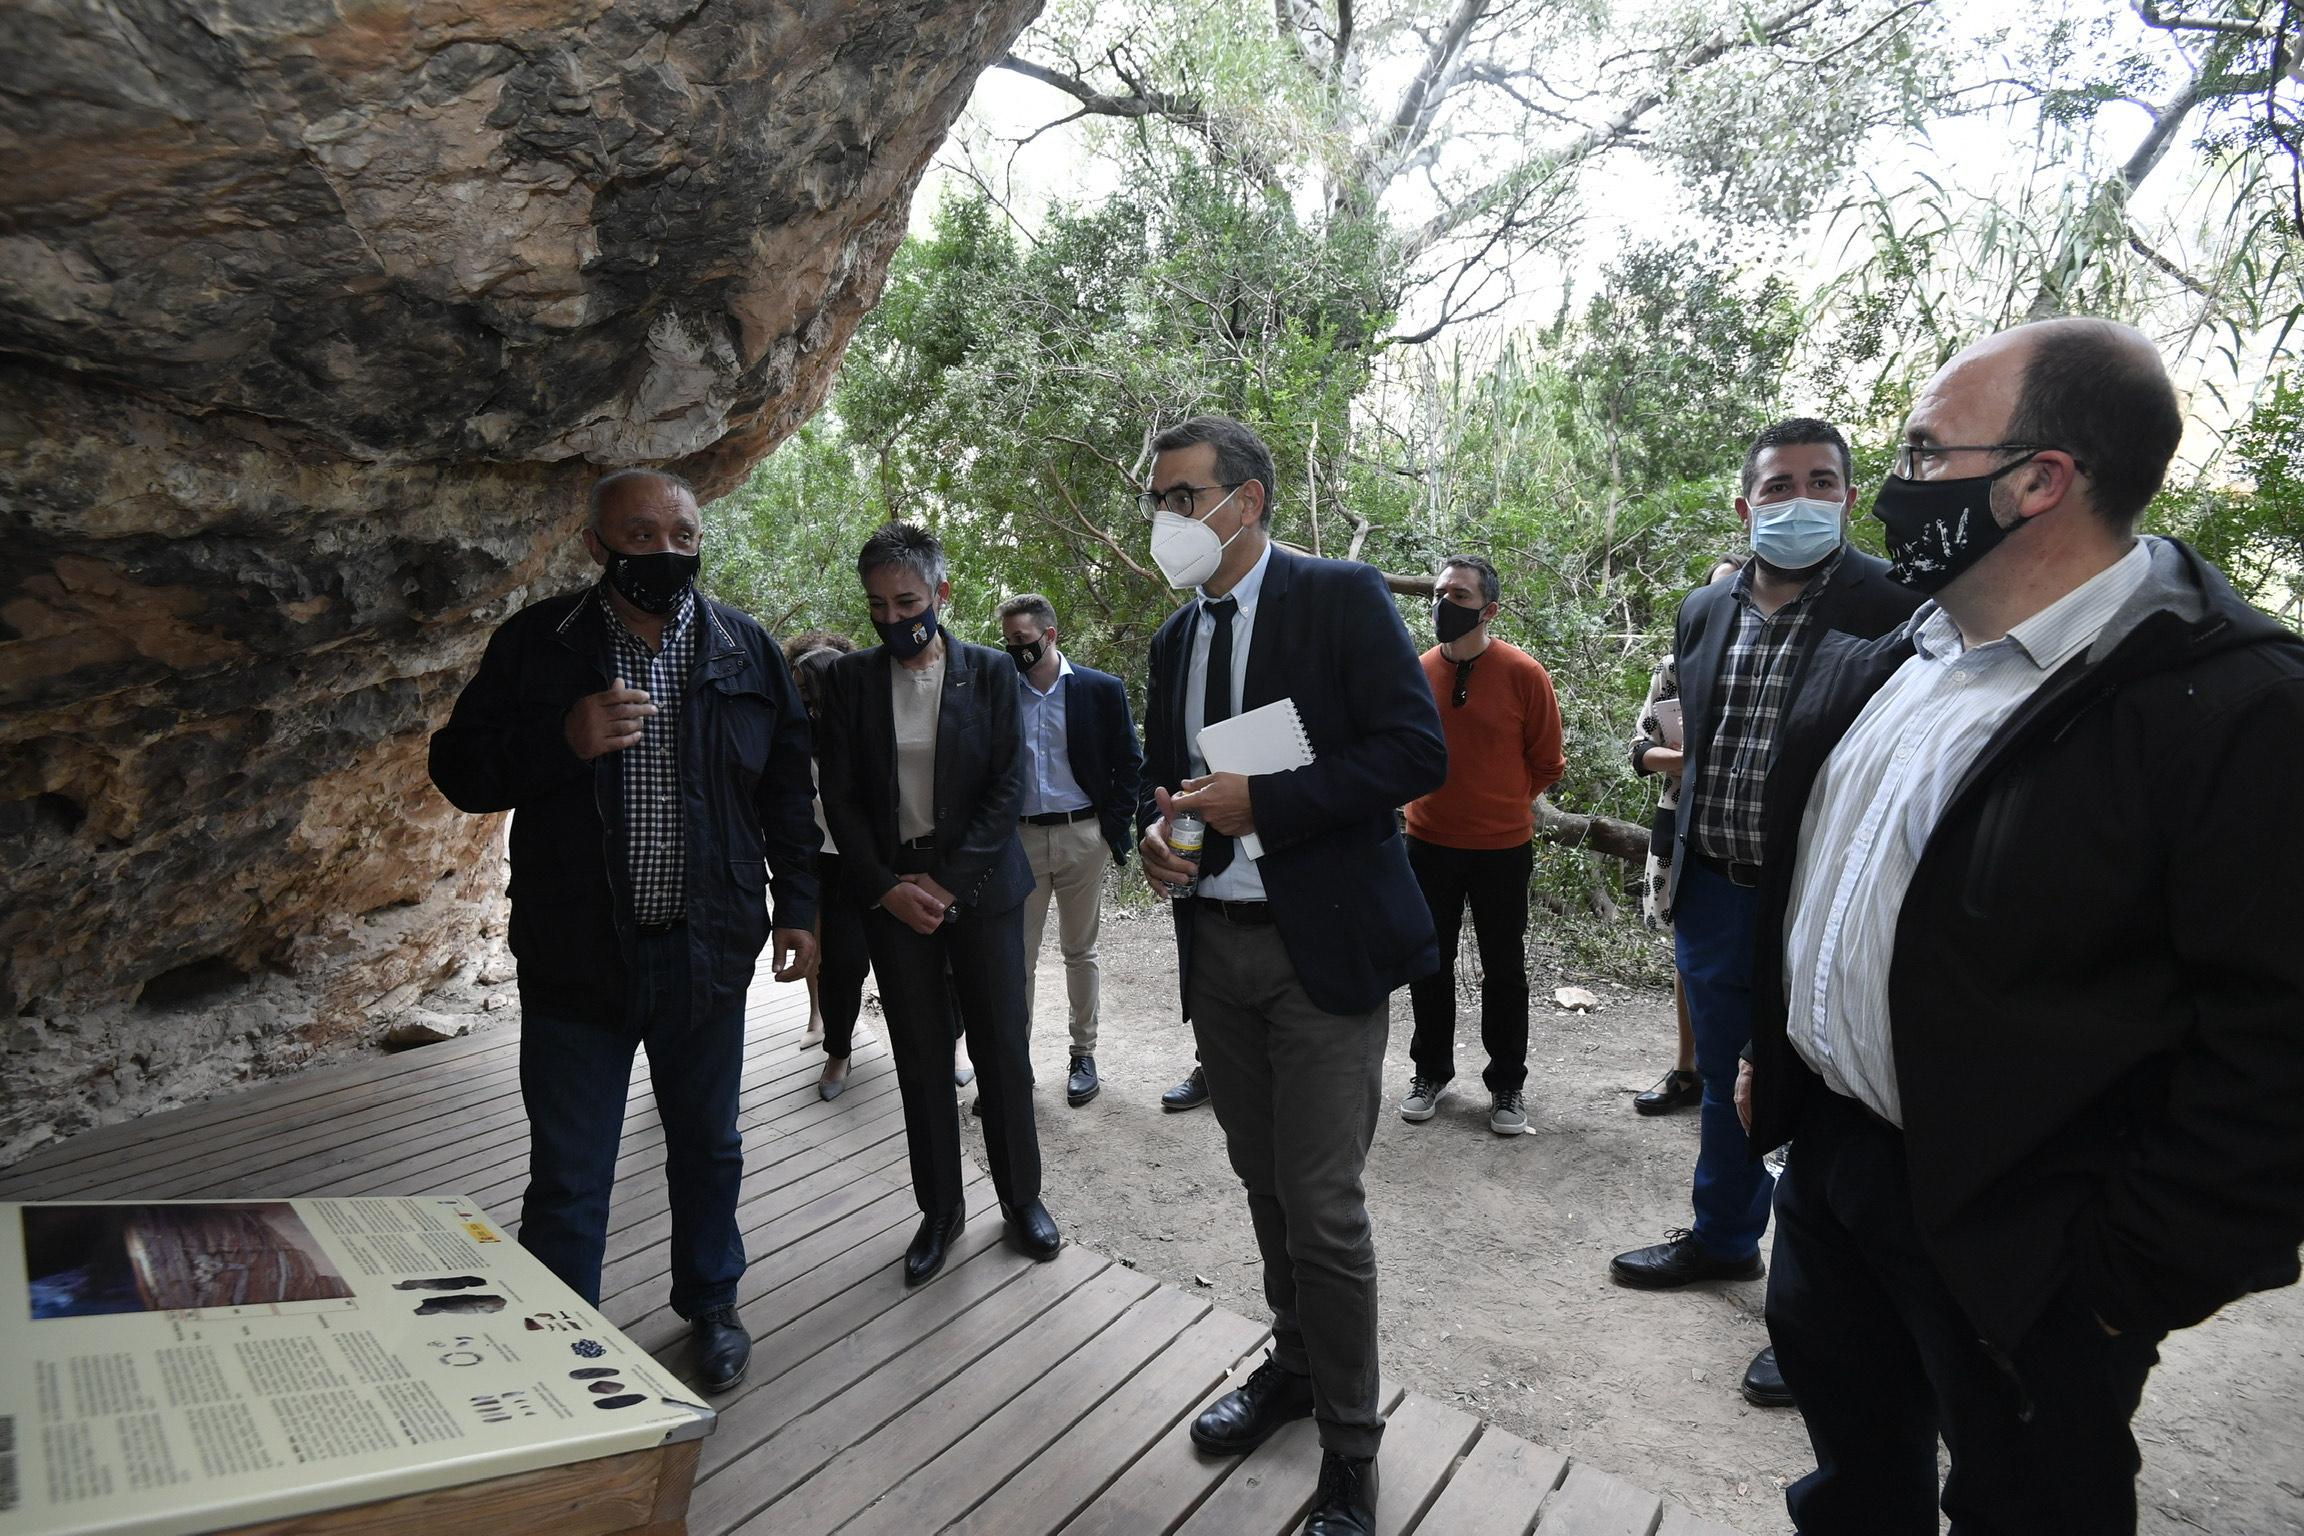 la construcción se hará con los materiales que se encuentran en el entorno y utilizando técnicas prehistóricas. Imagen: UMU